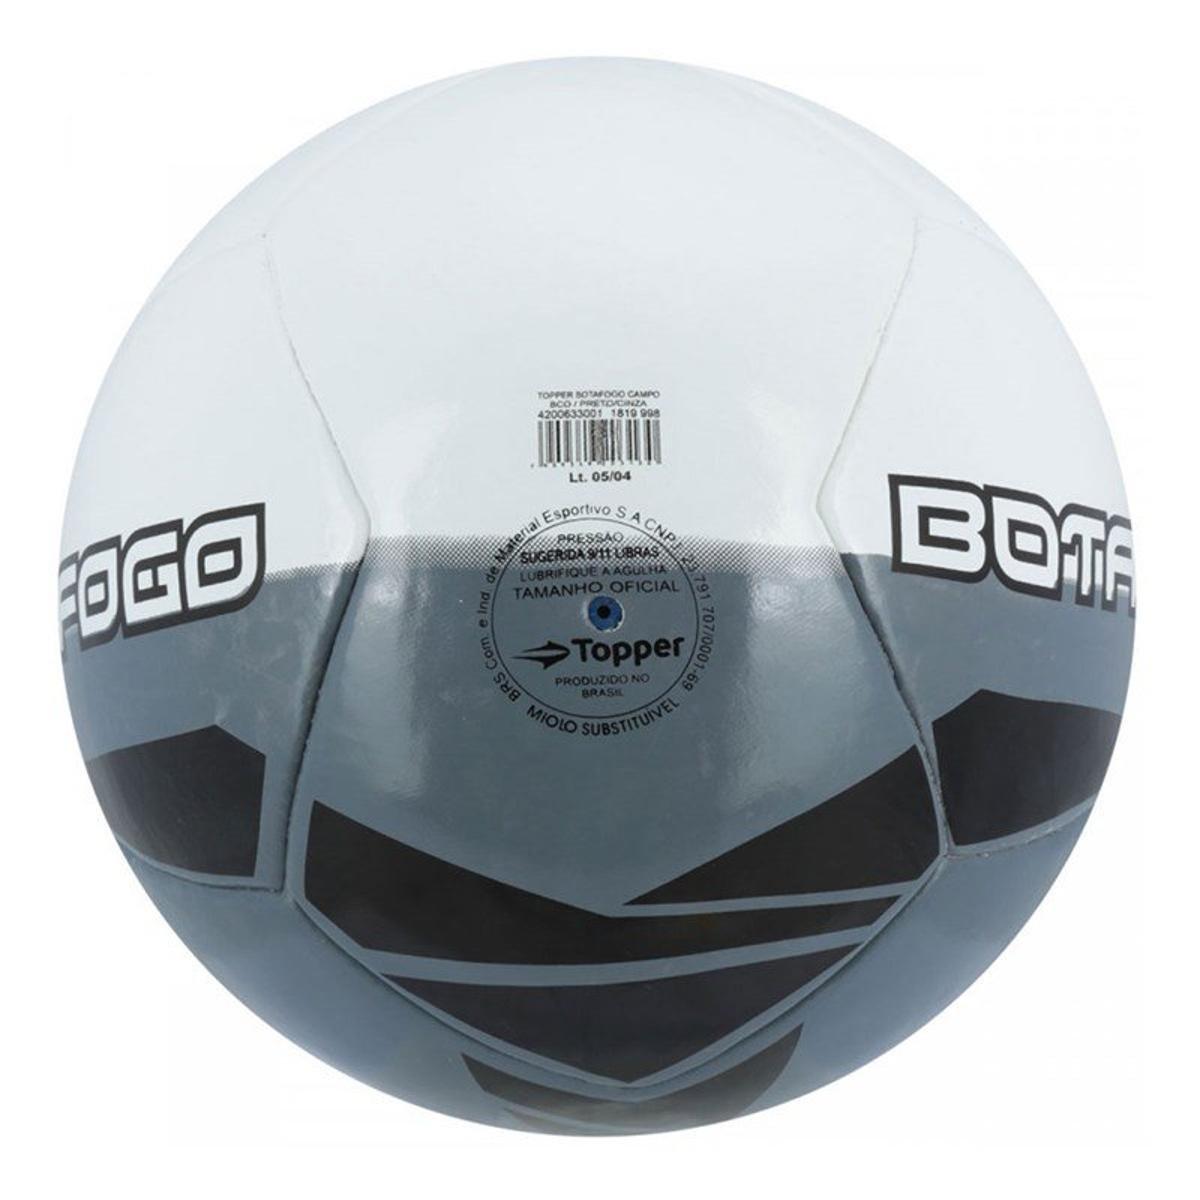 Bola de Futebol Campo Topper Botafogo - Compre Agora  3a02bf235e764